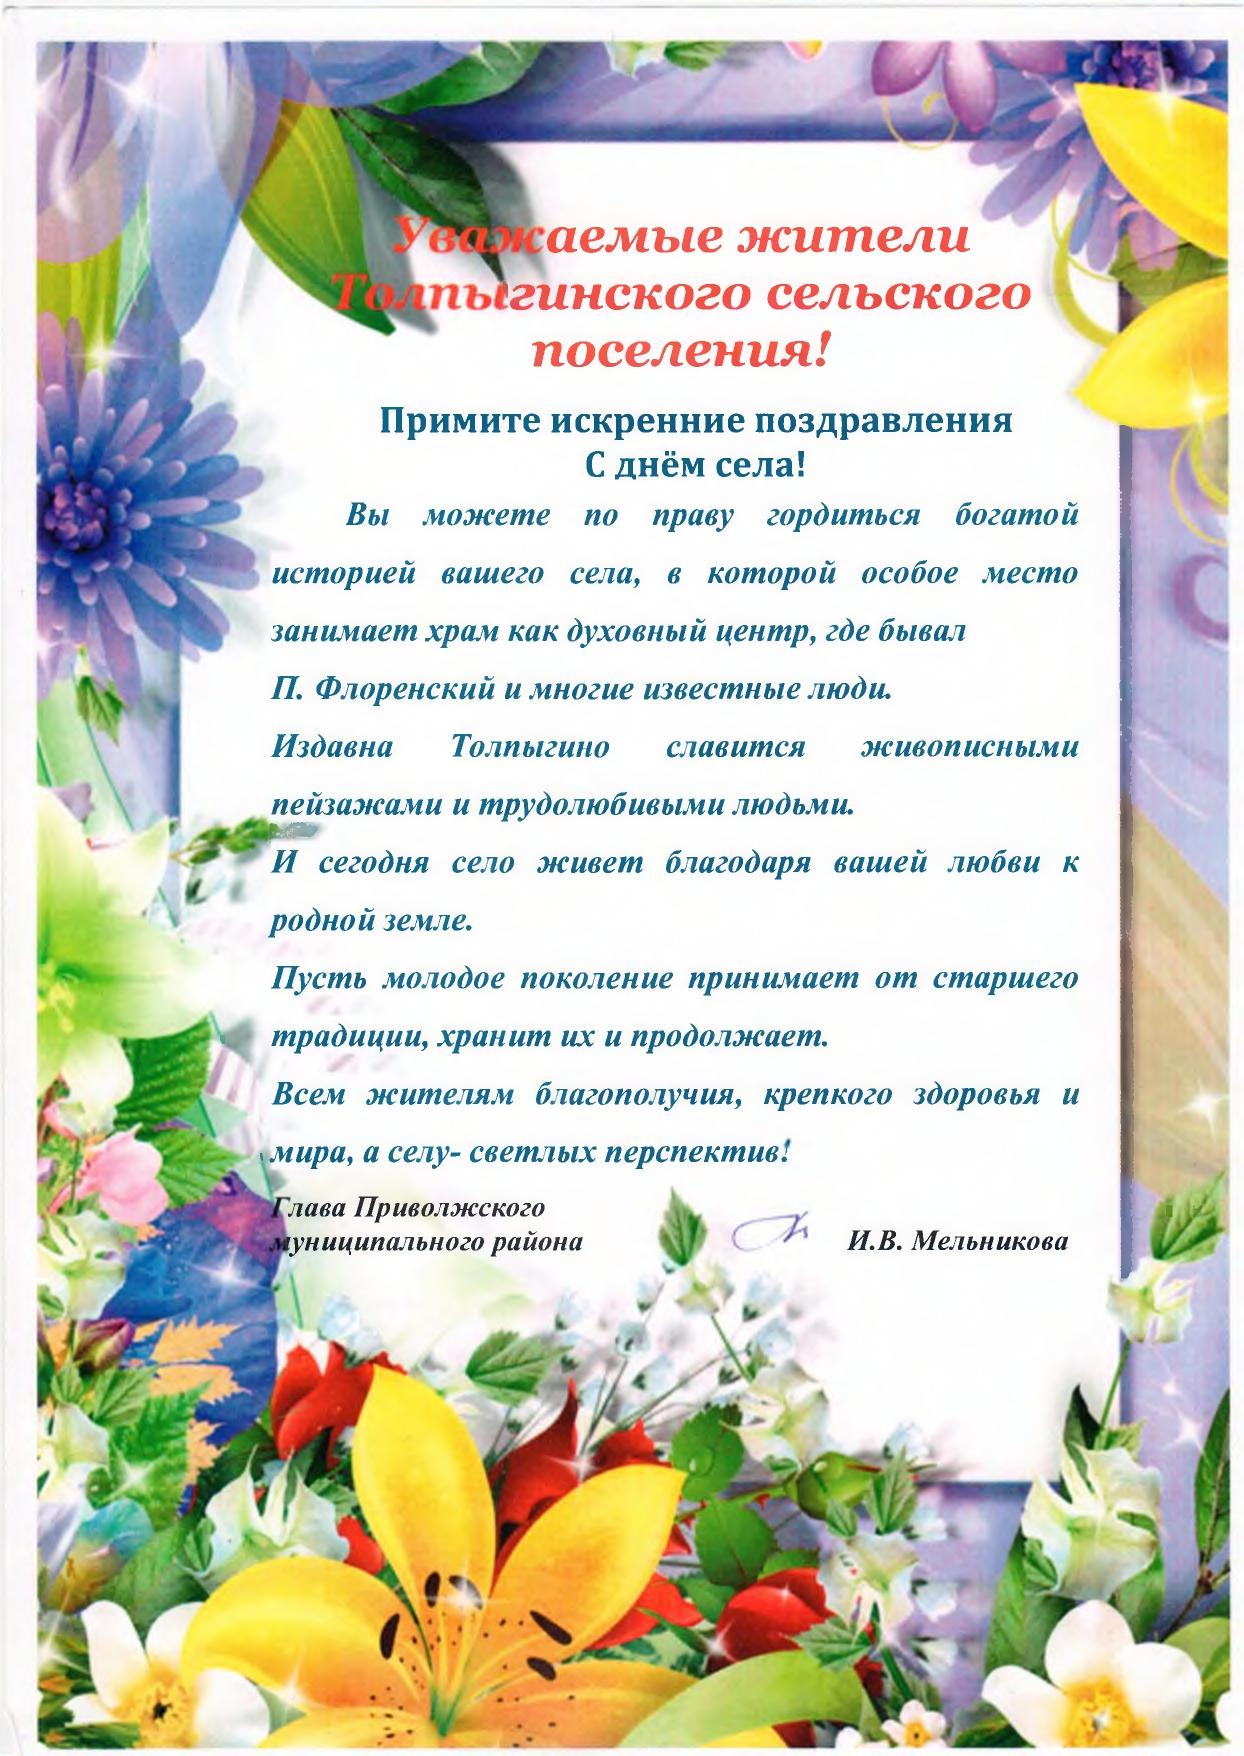 Поздравления села с юбилеем в прозе